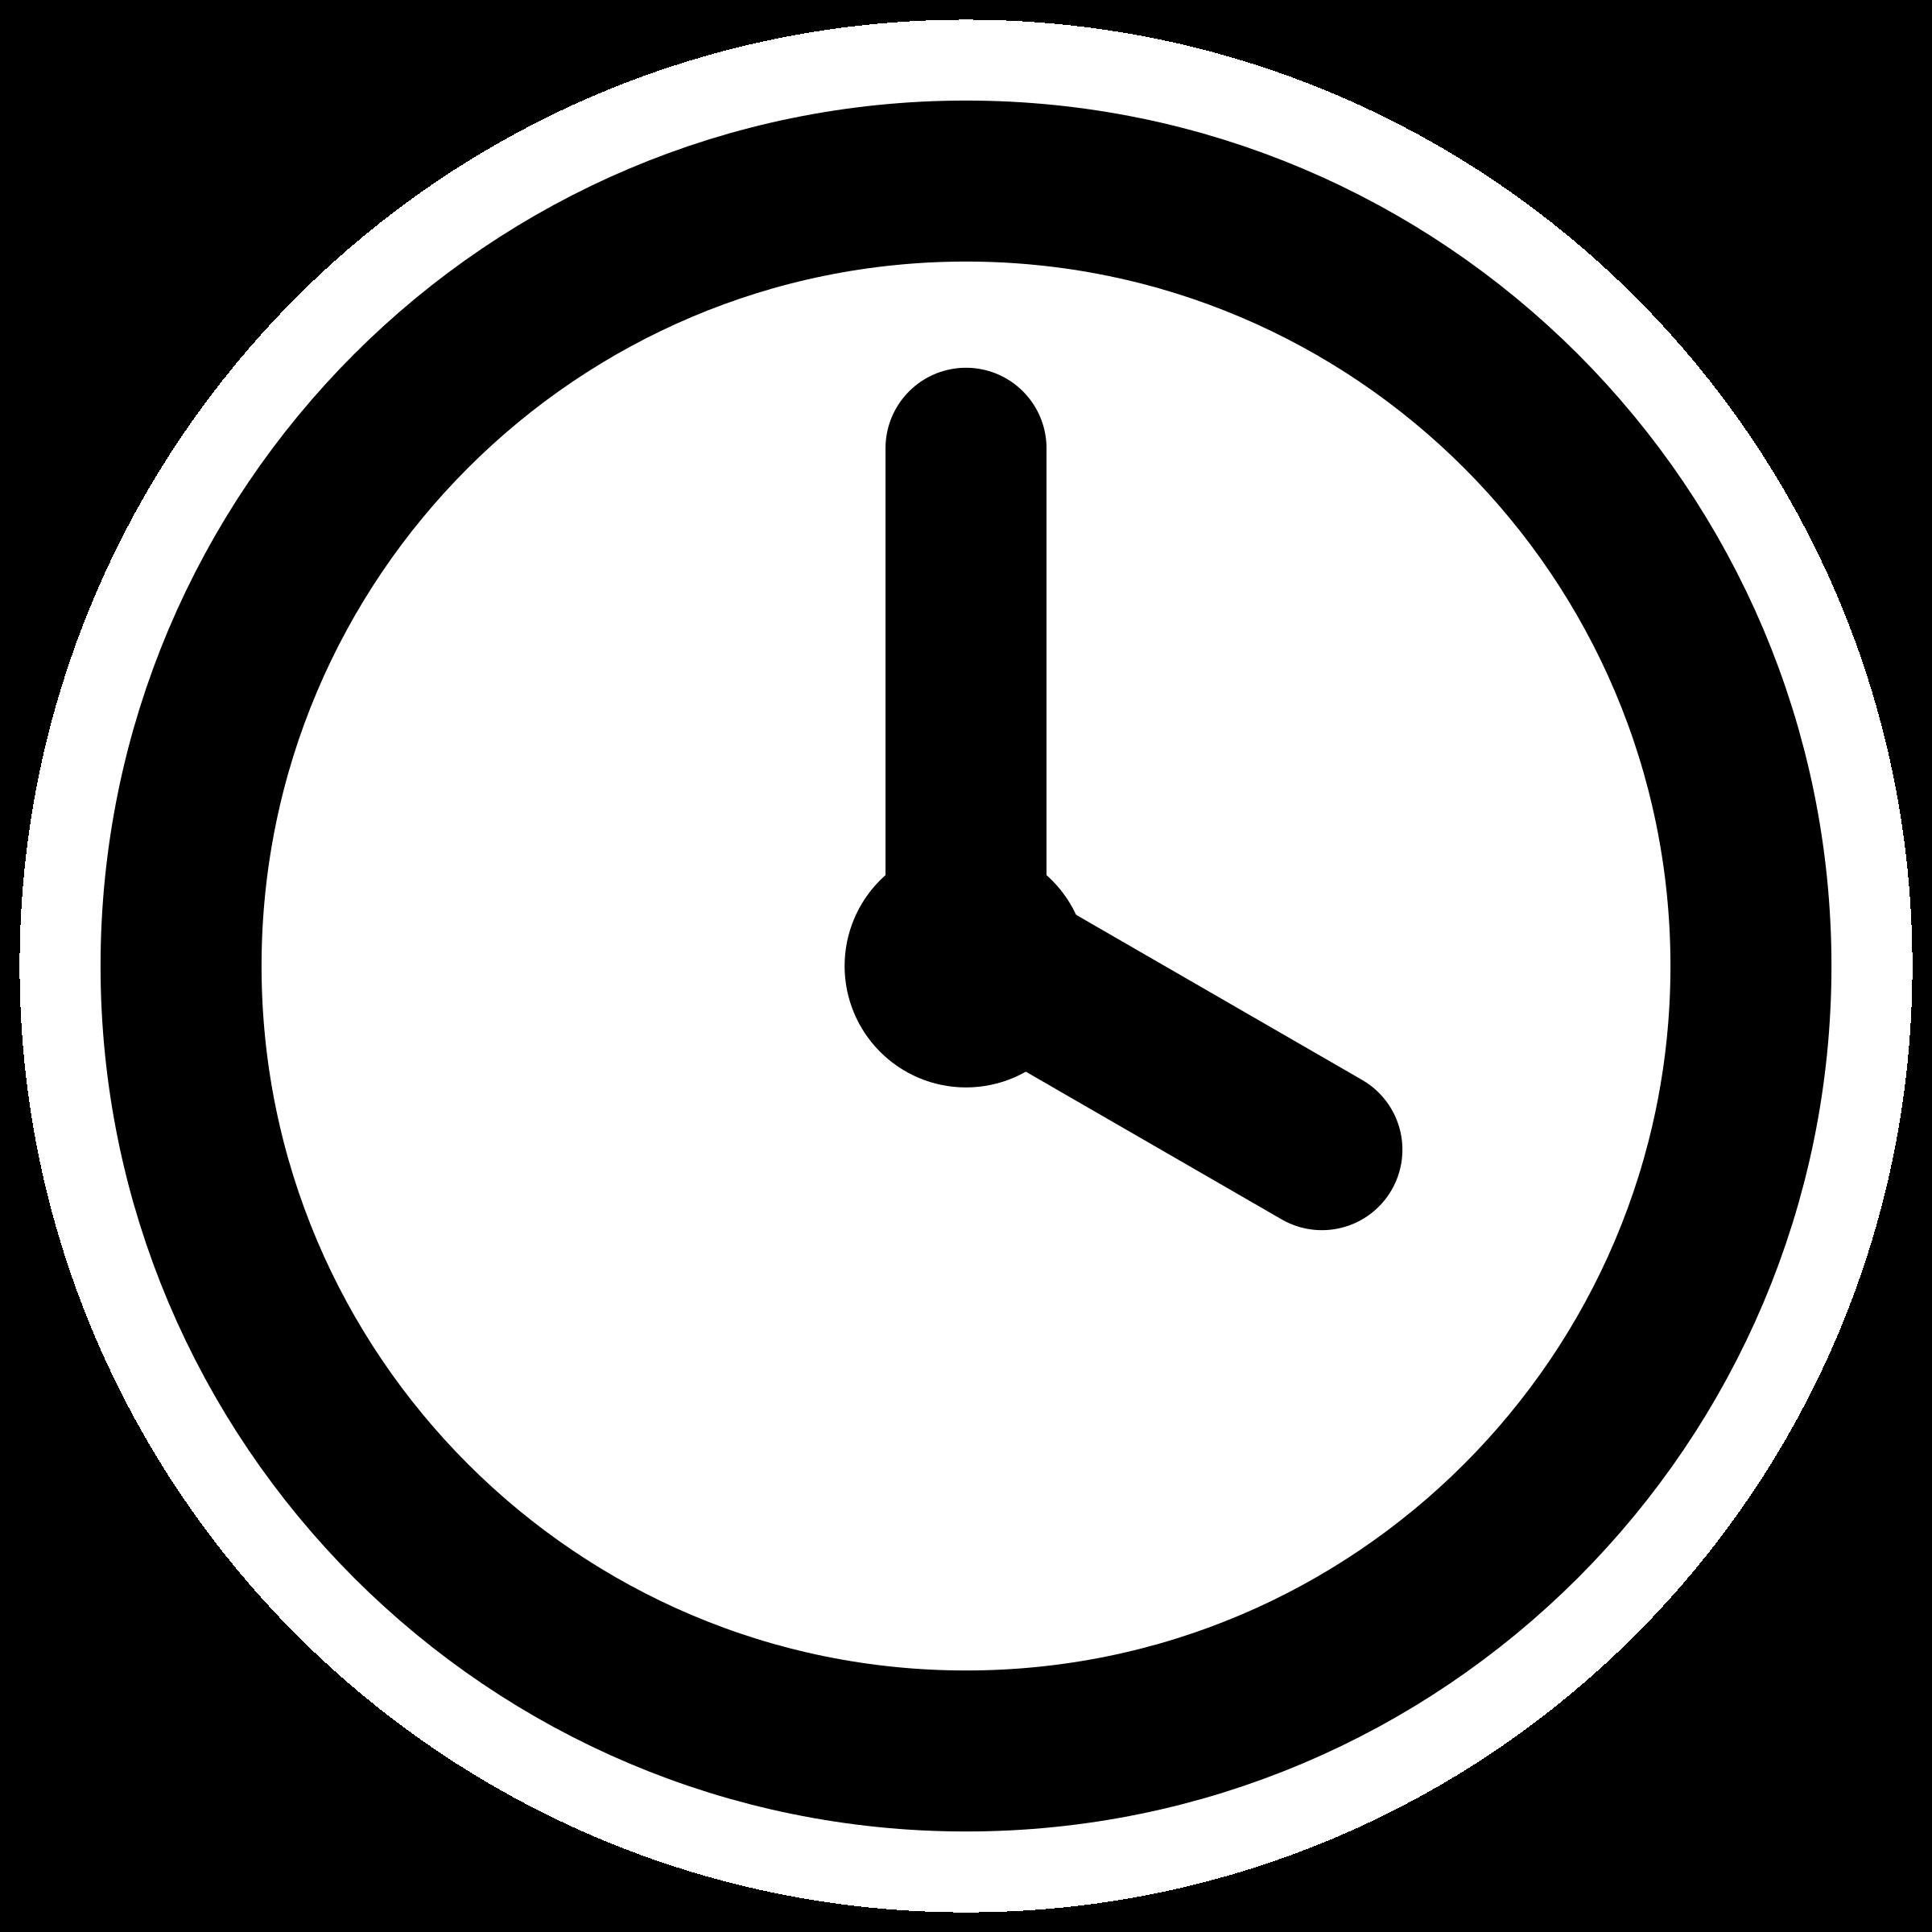 2400x2400 Clipart Mono Clock